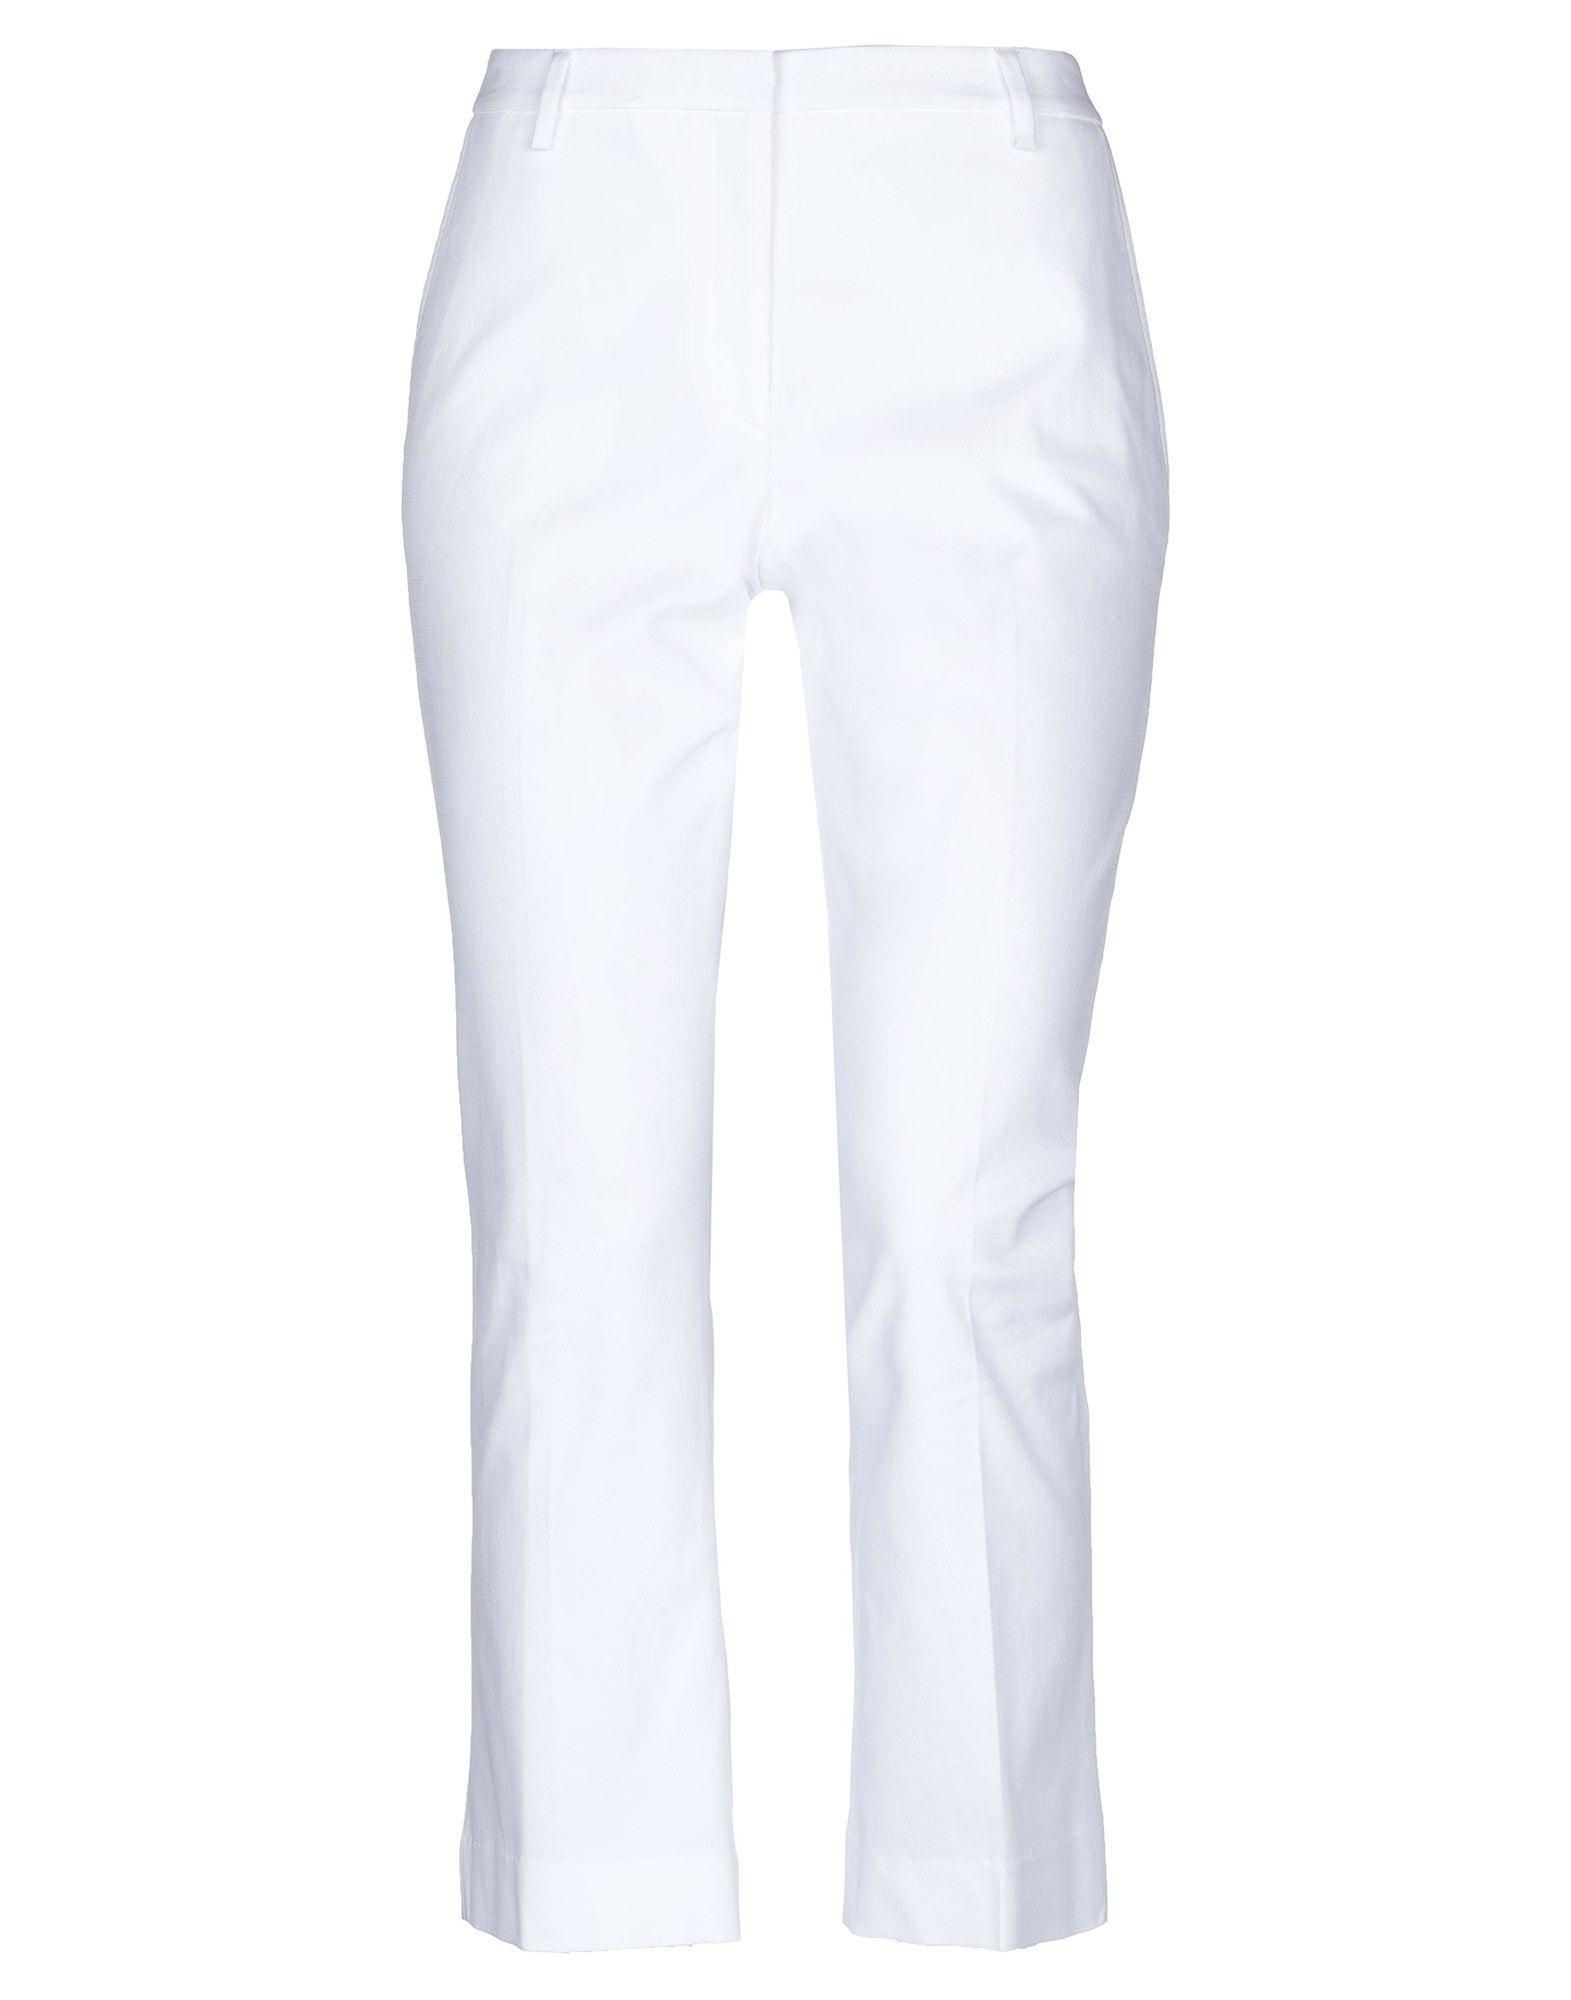 《セール開催中》ROOM 52 レディース パンツ ホワイト 42 コットン 97% / ポリウレタン 3%